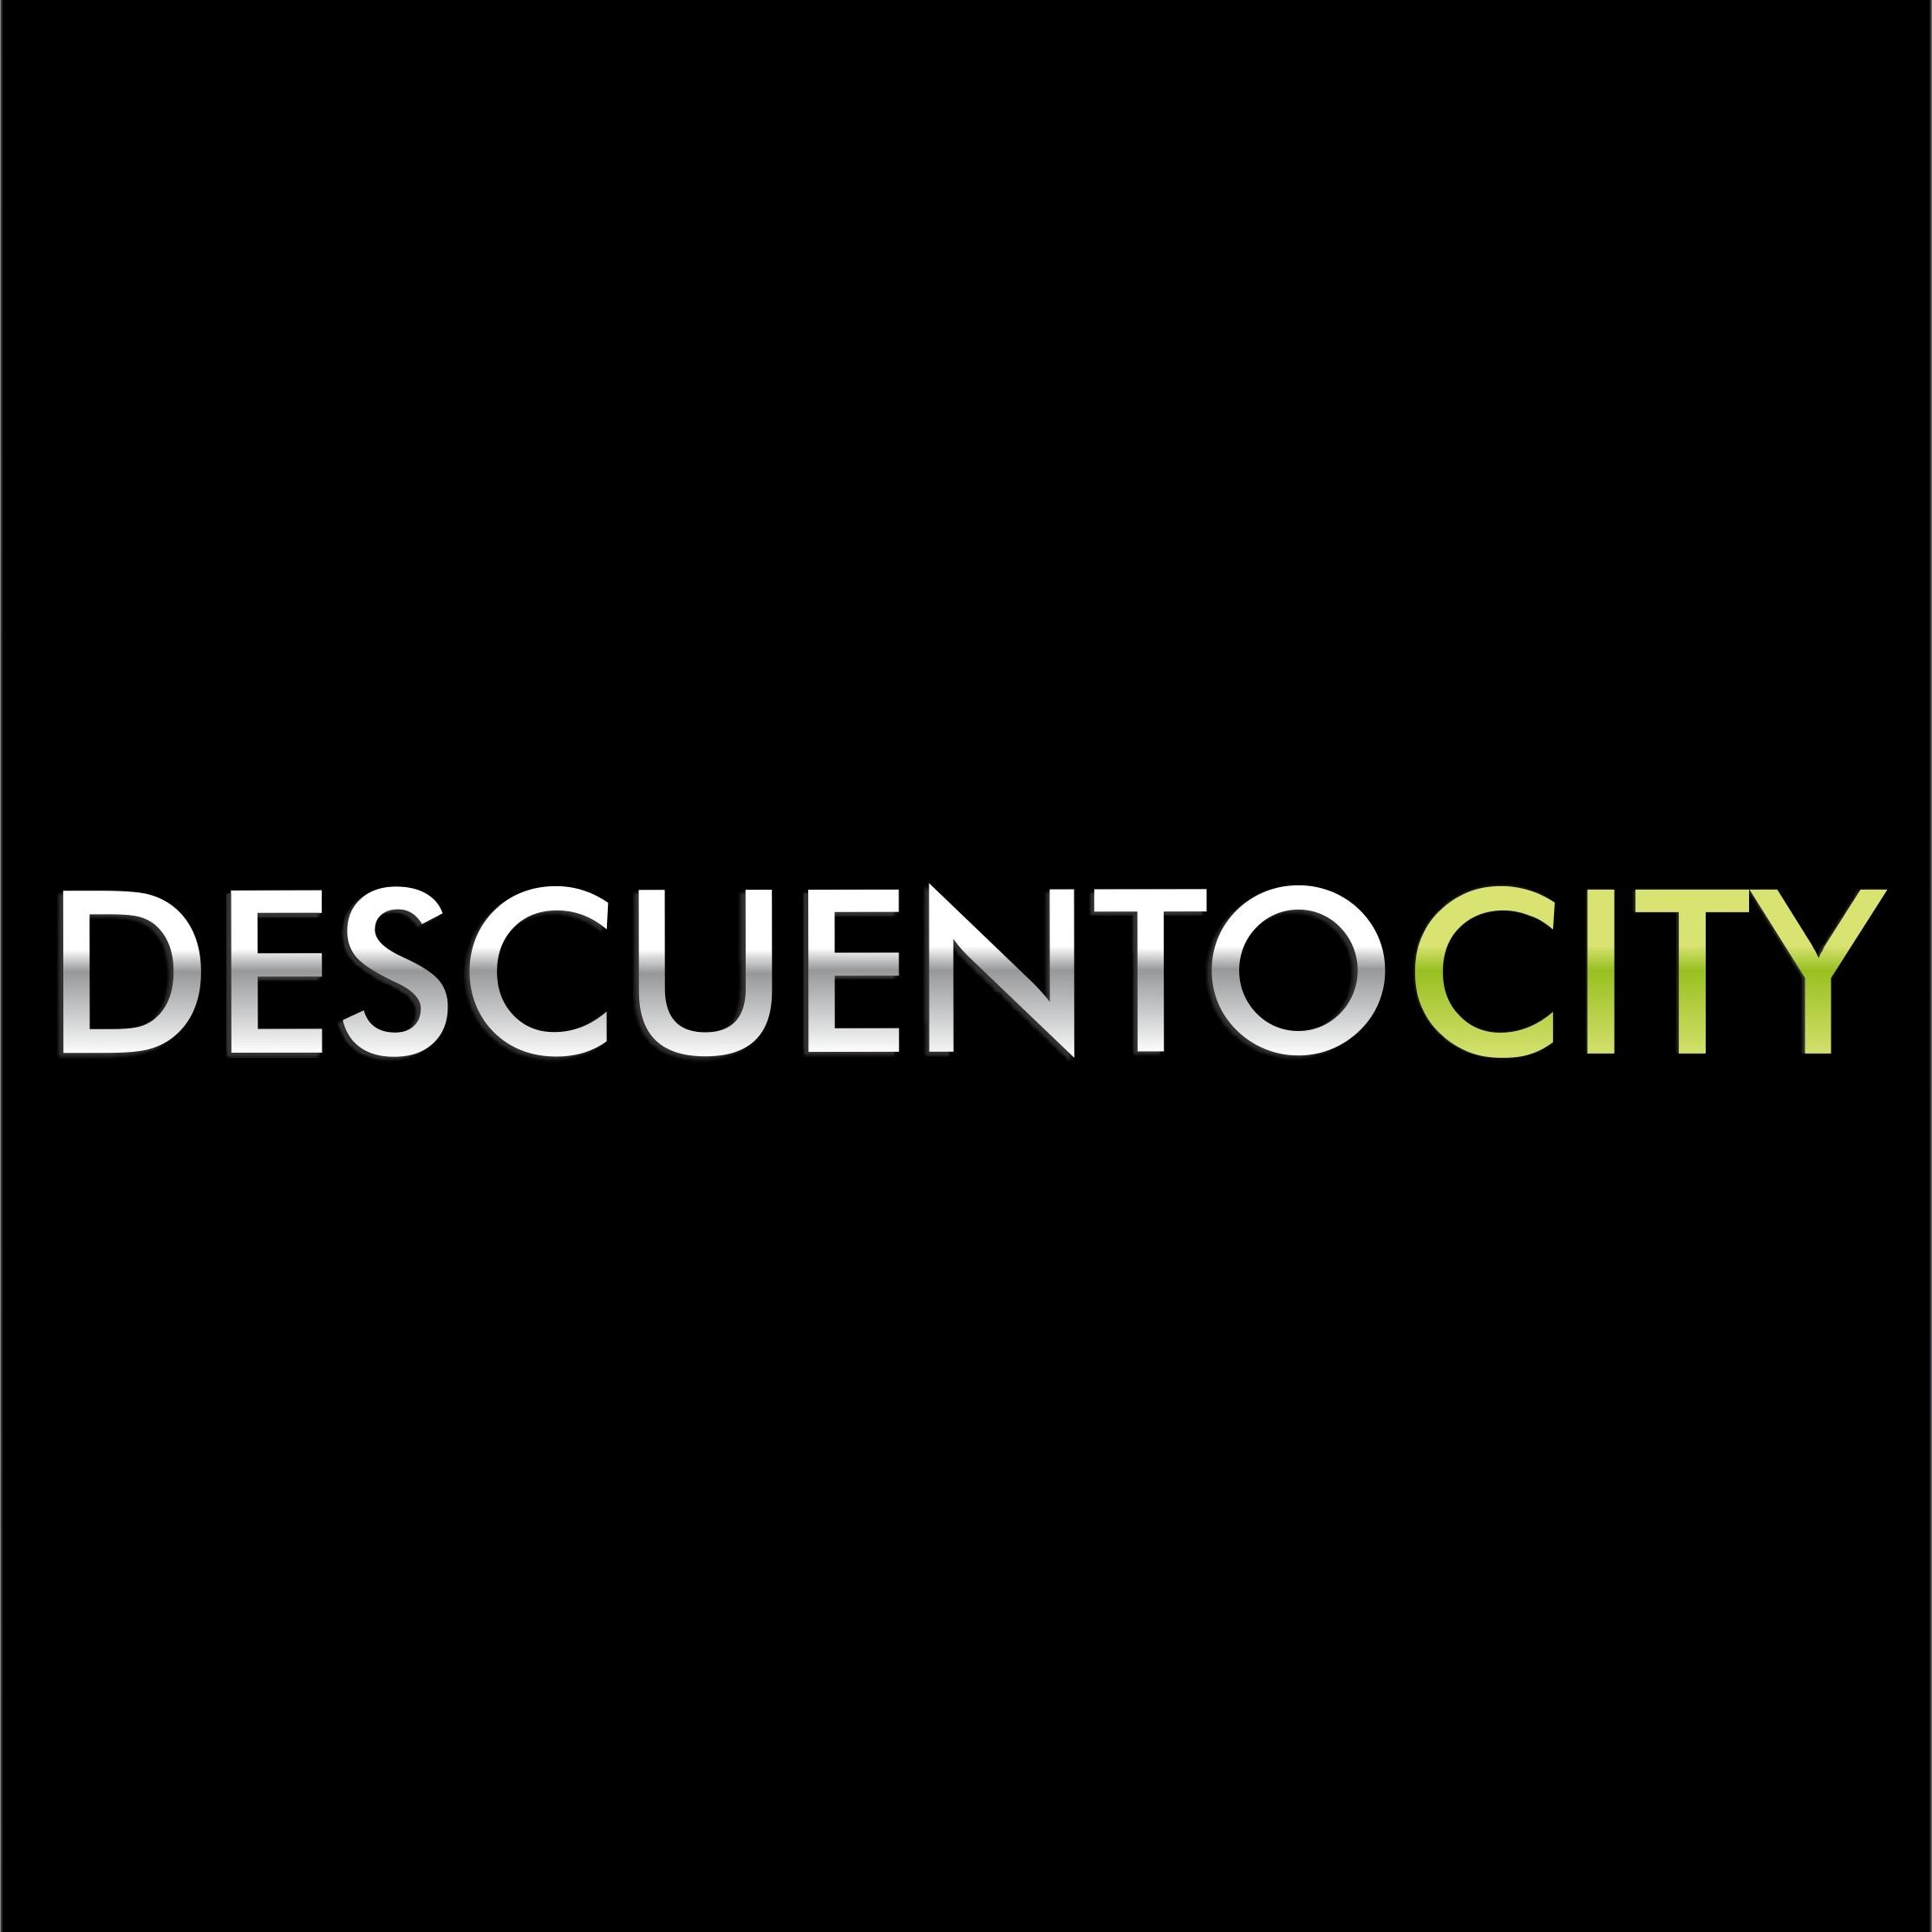 Descuentocity